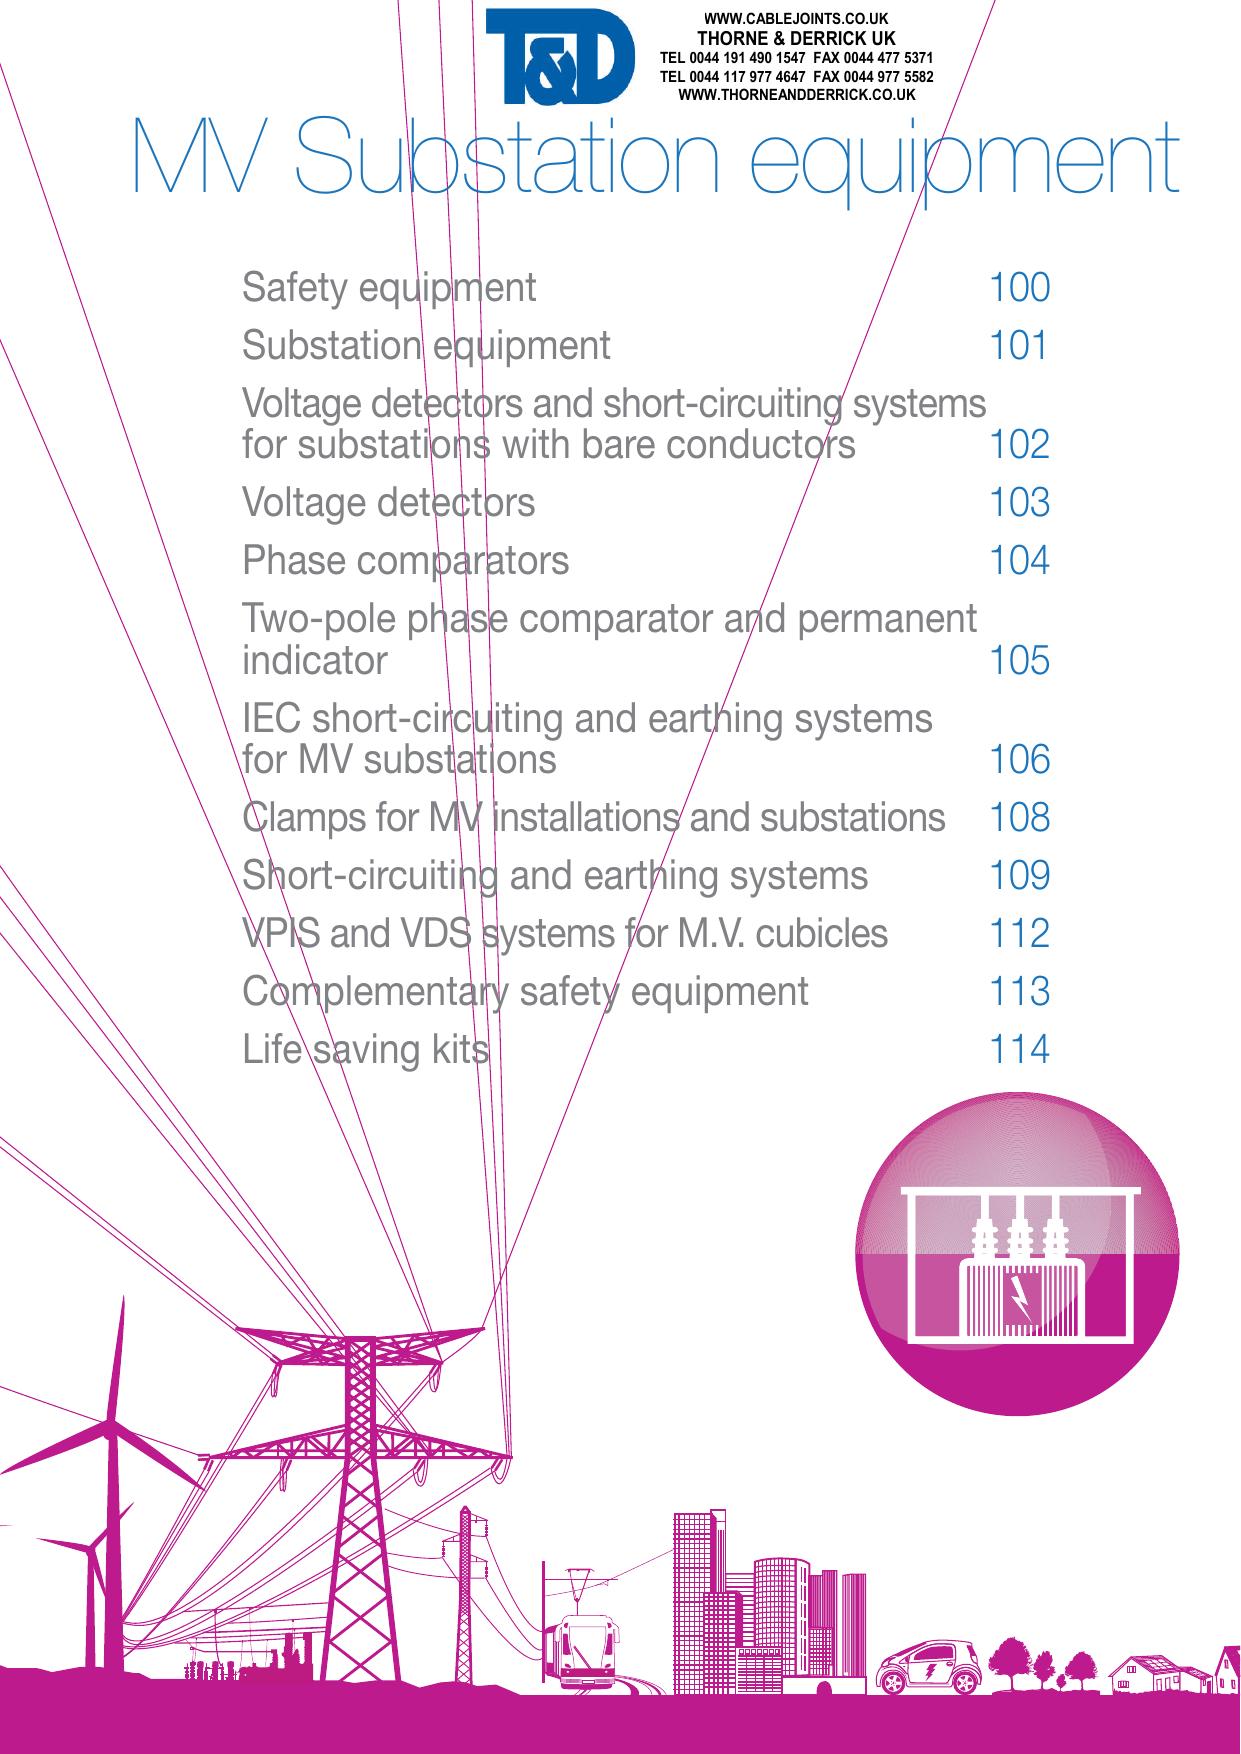 MV Substation equipment | manualzz com